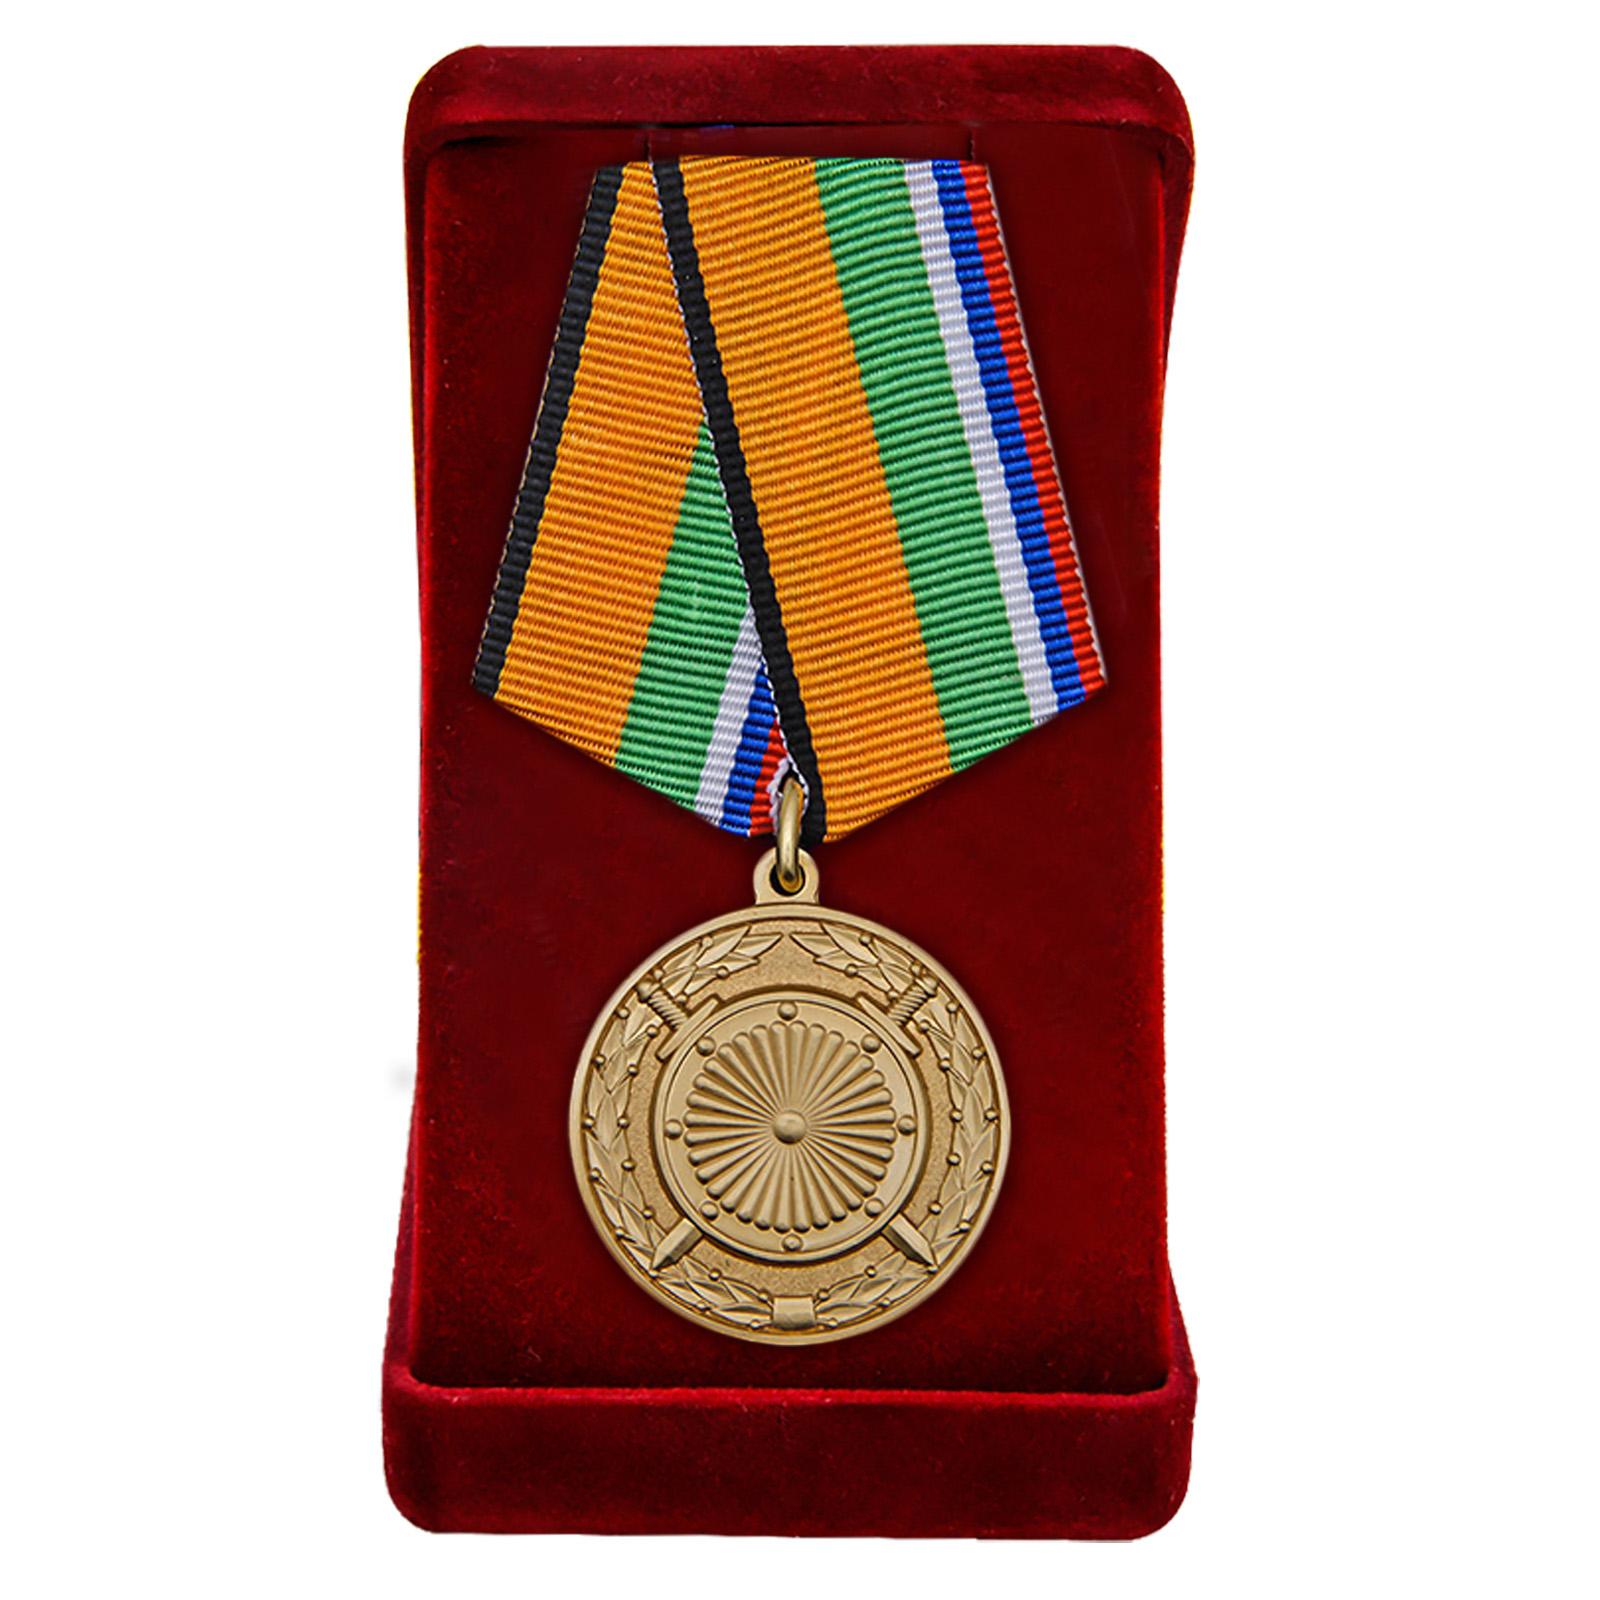 Купить латунную медаль За вклад в укрепление обороны РФ по лучшей цене